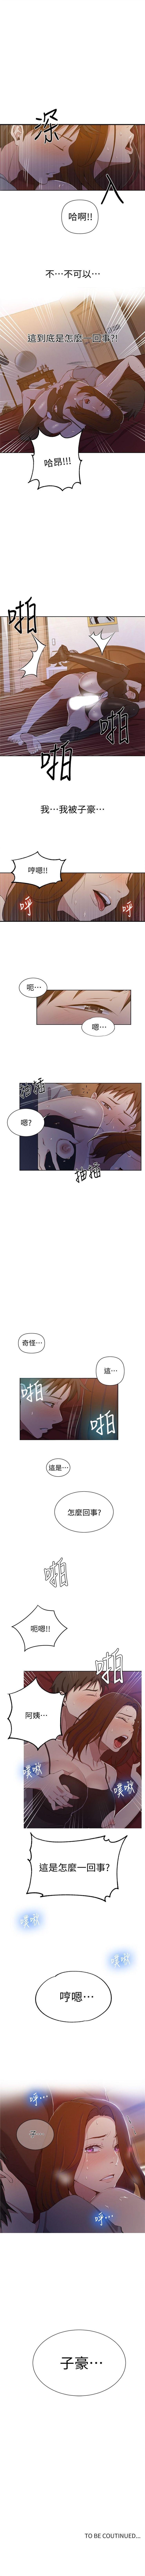 秘密教學  1-55 官方中文(連載中) 263